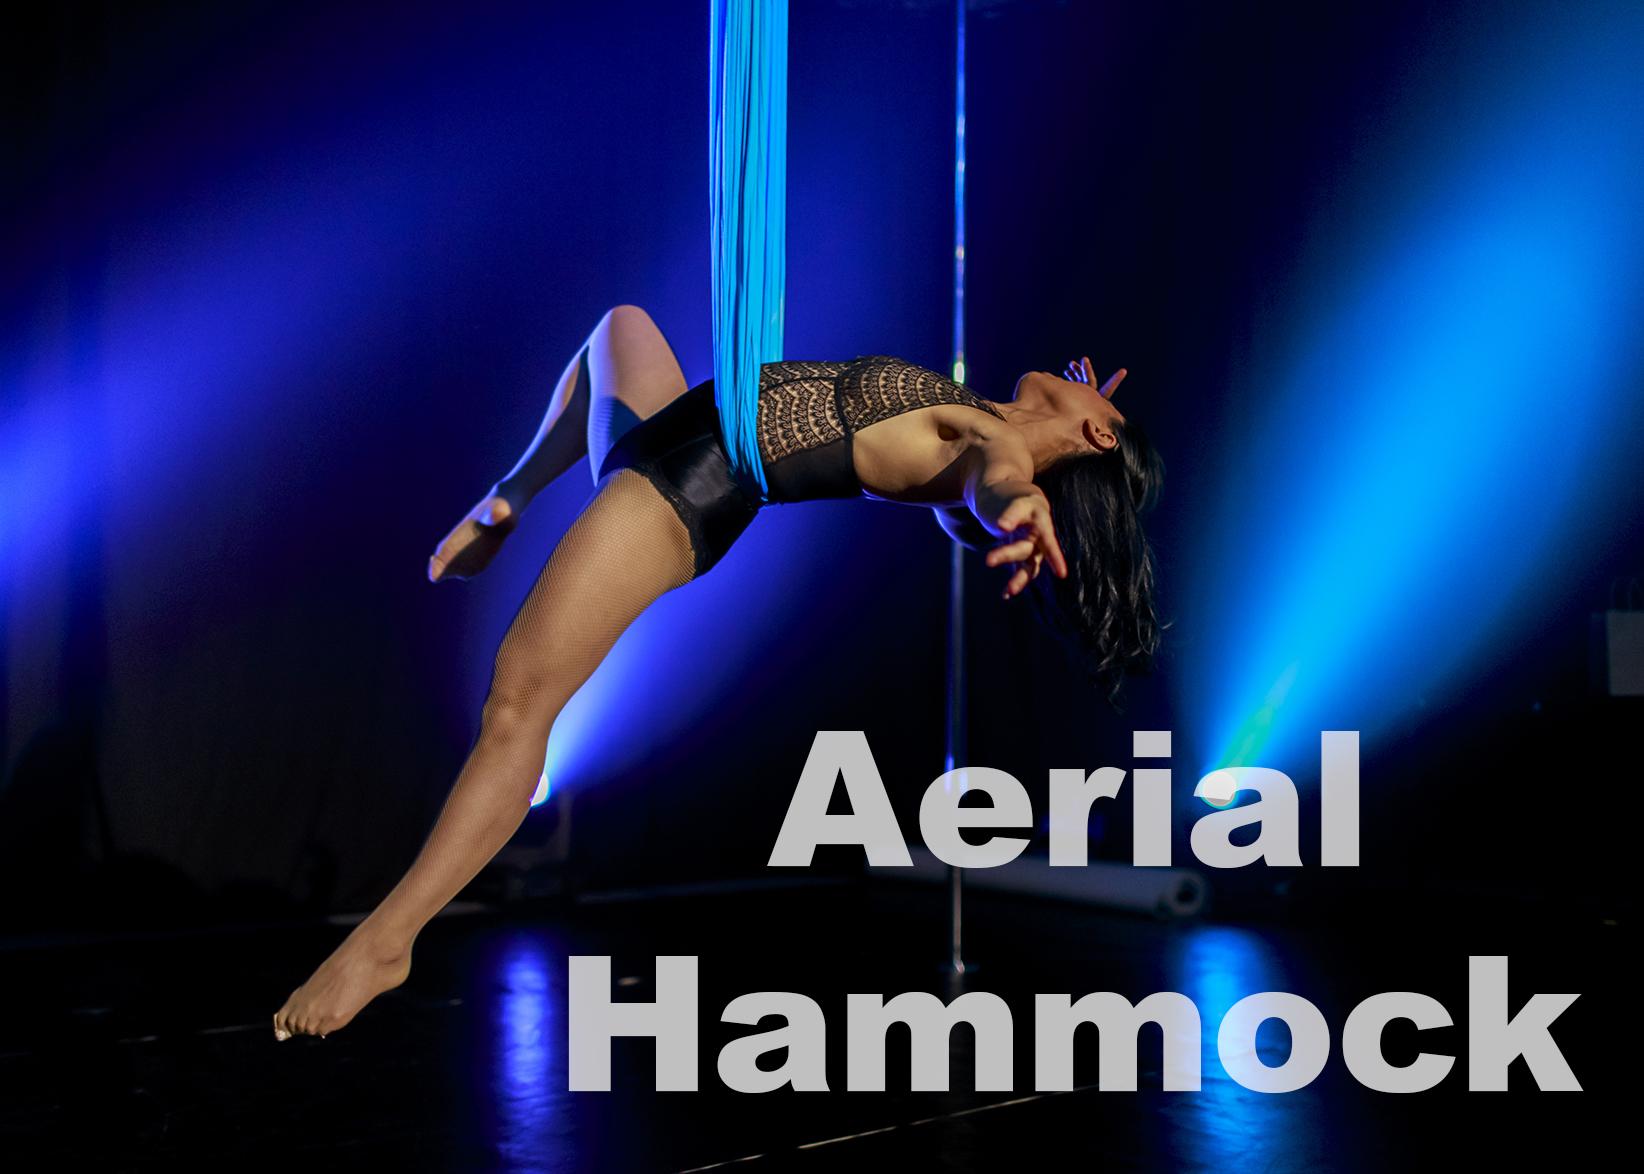 AerialHammock.jpg